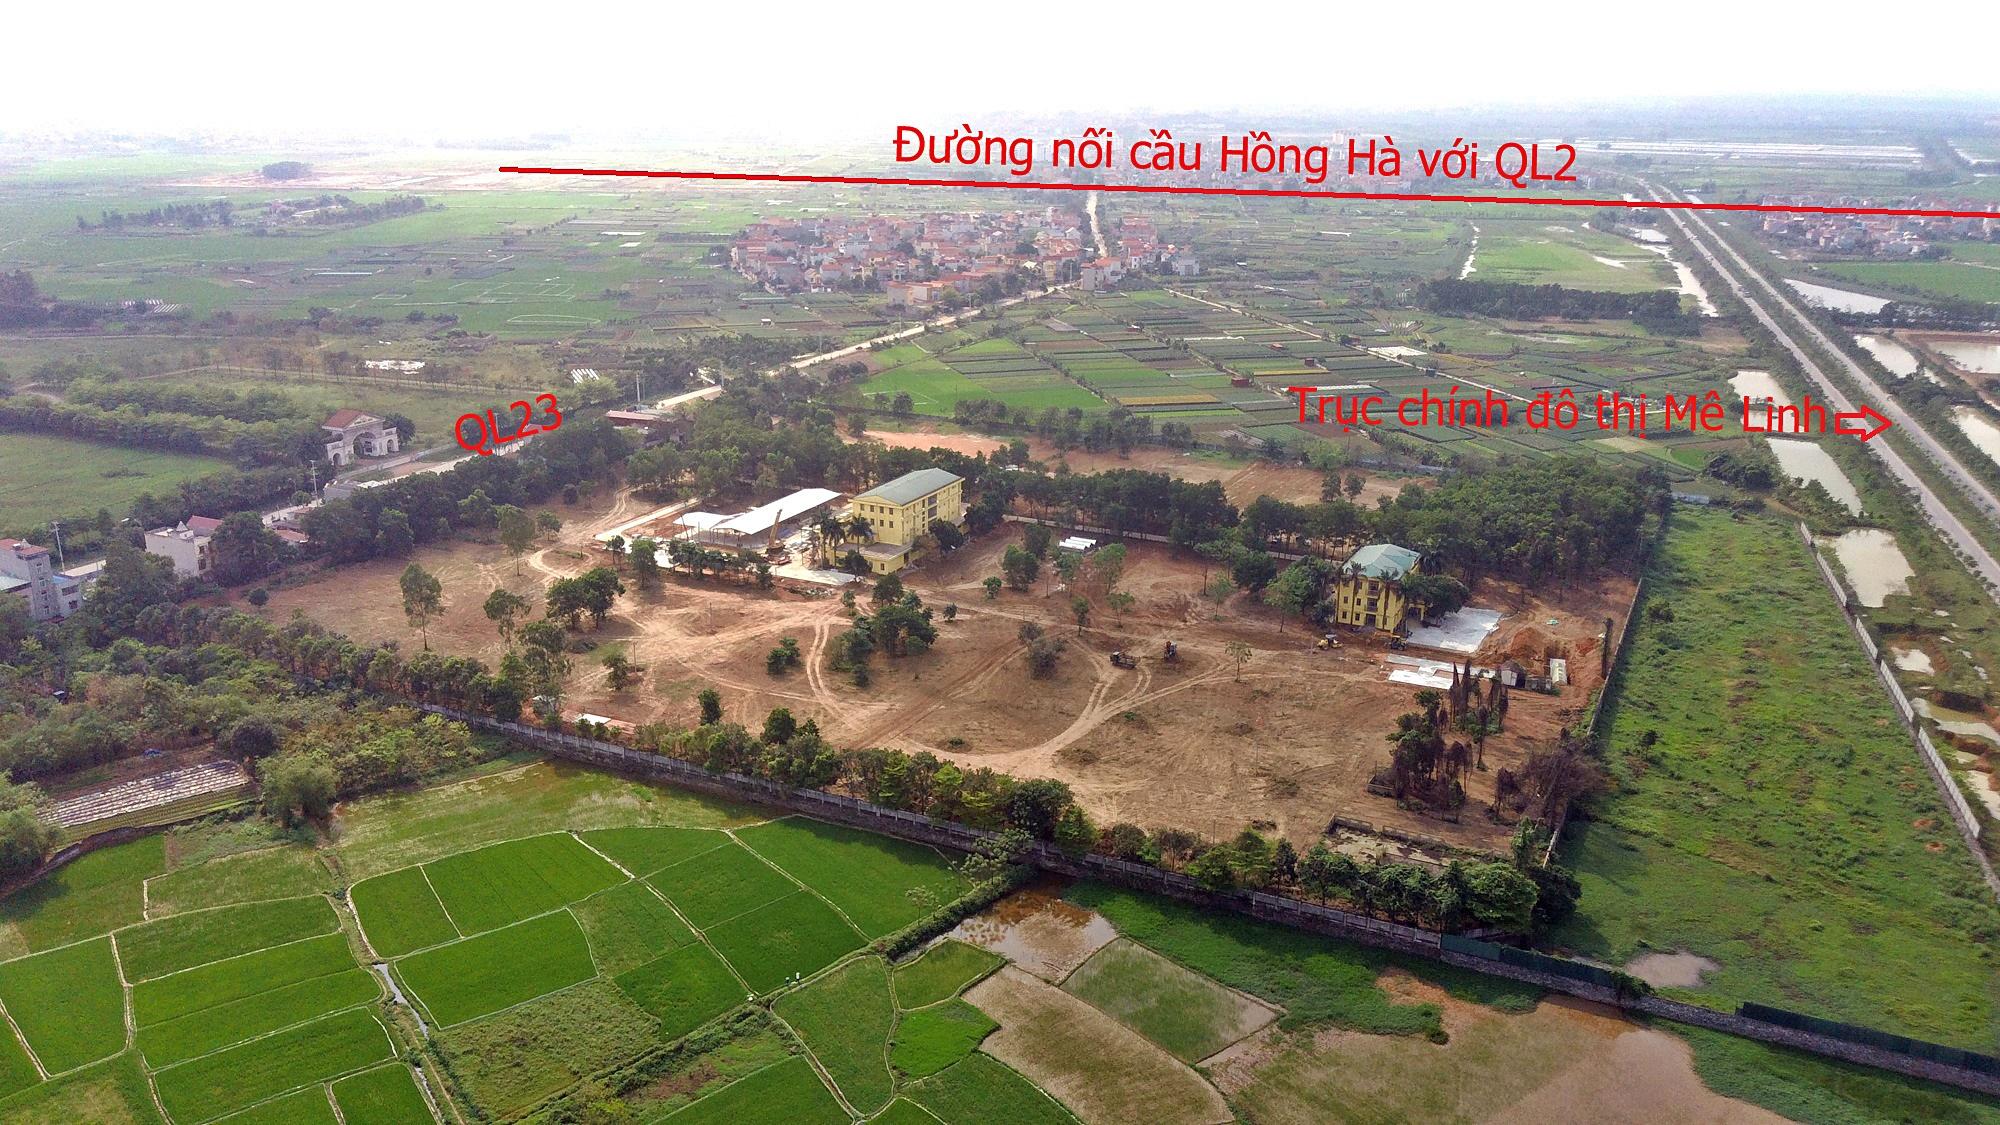 Cầu sẽ mở theo qui hoạch ở Hà Nội: Toàn cảnh vị trí làm cầu Hồng Hà nối Đan Phượng với Mê Linh - Ảnh 12.